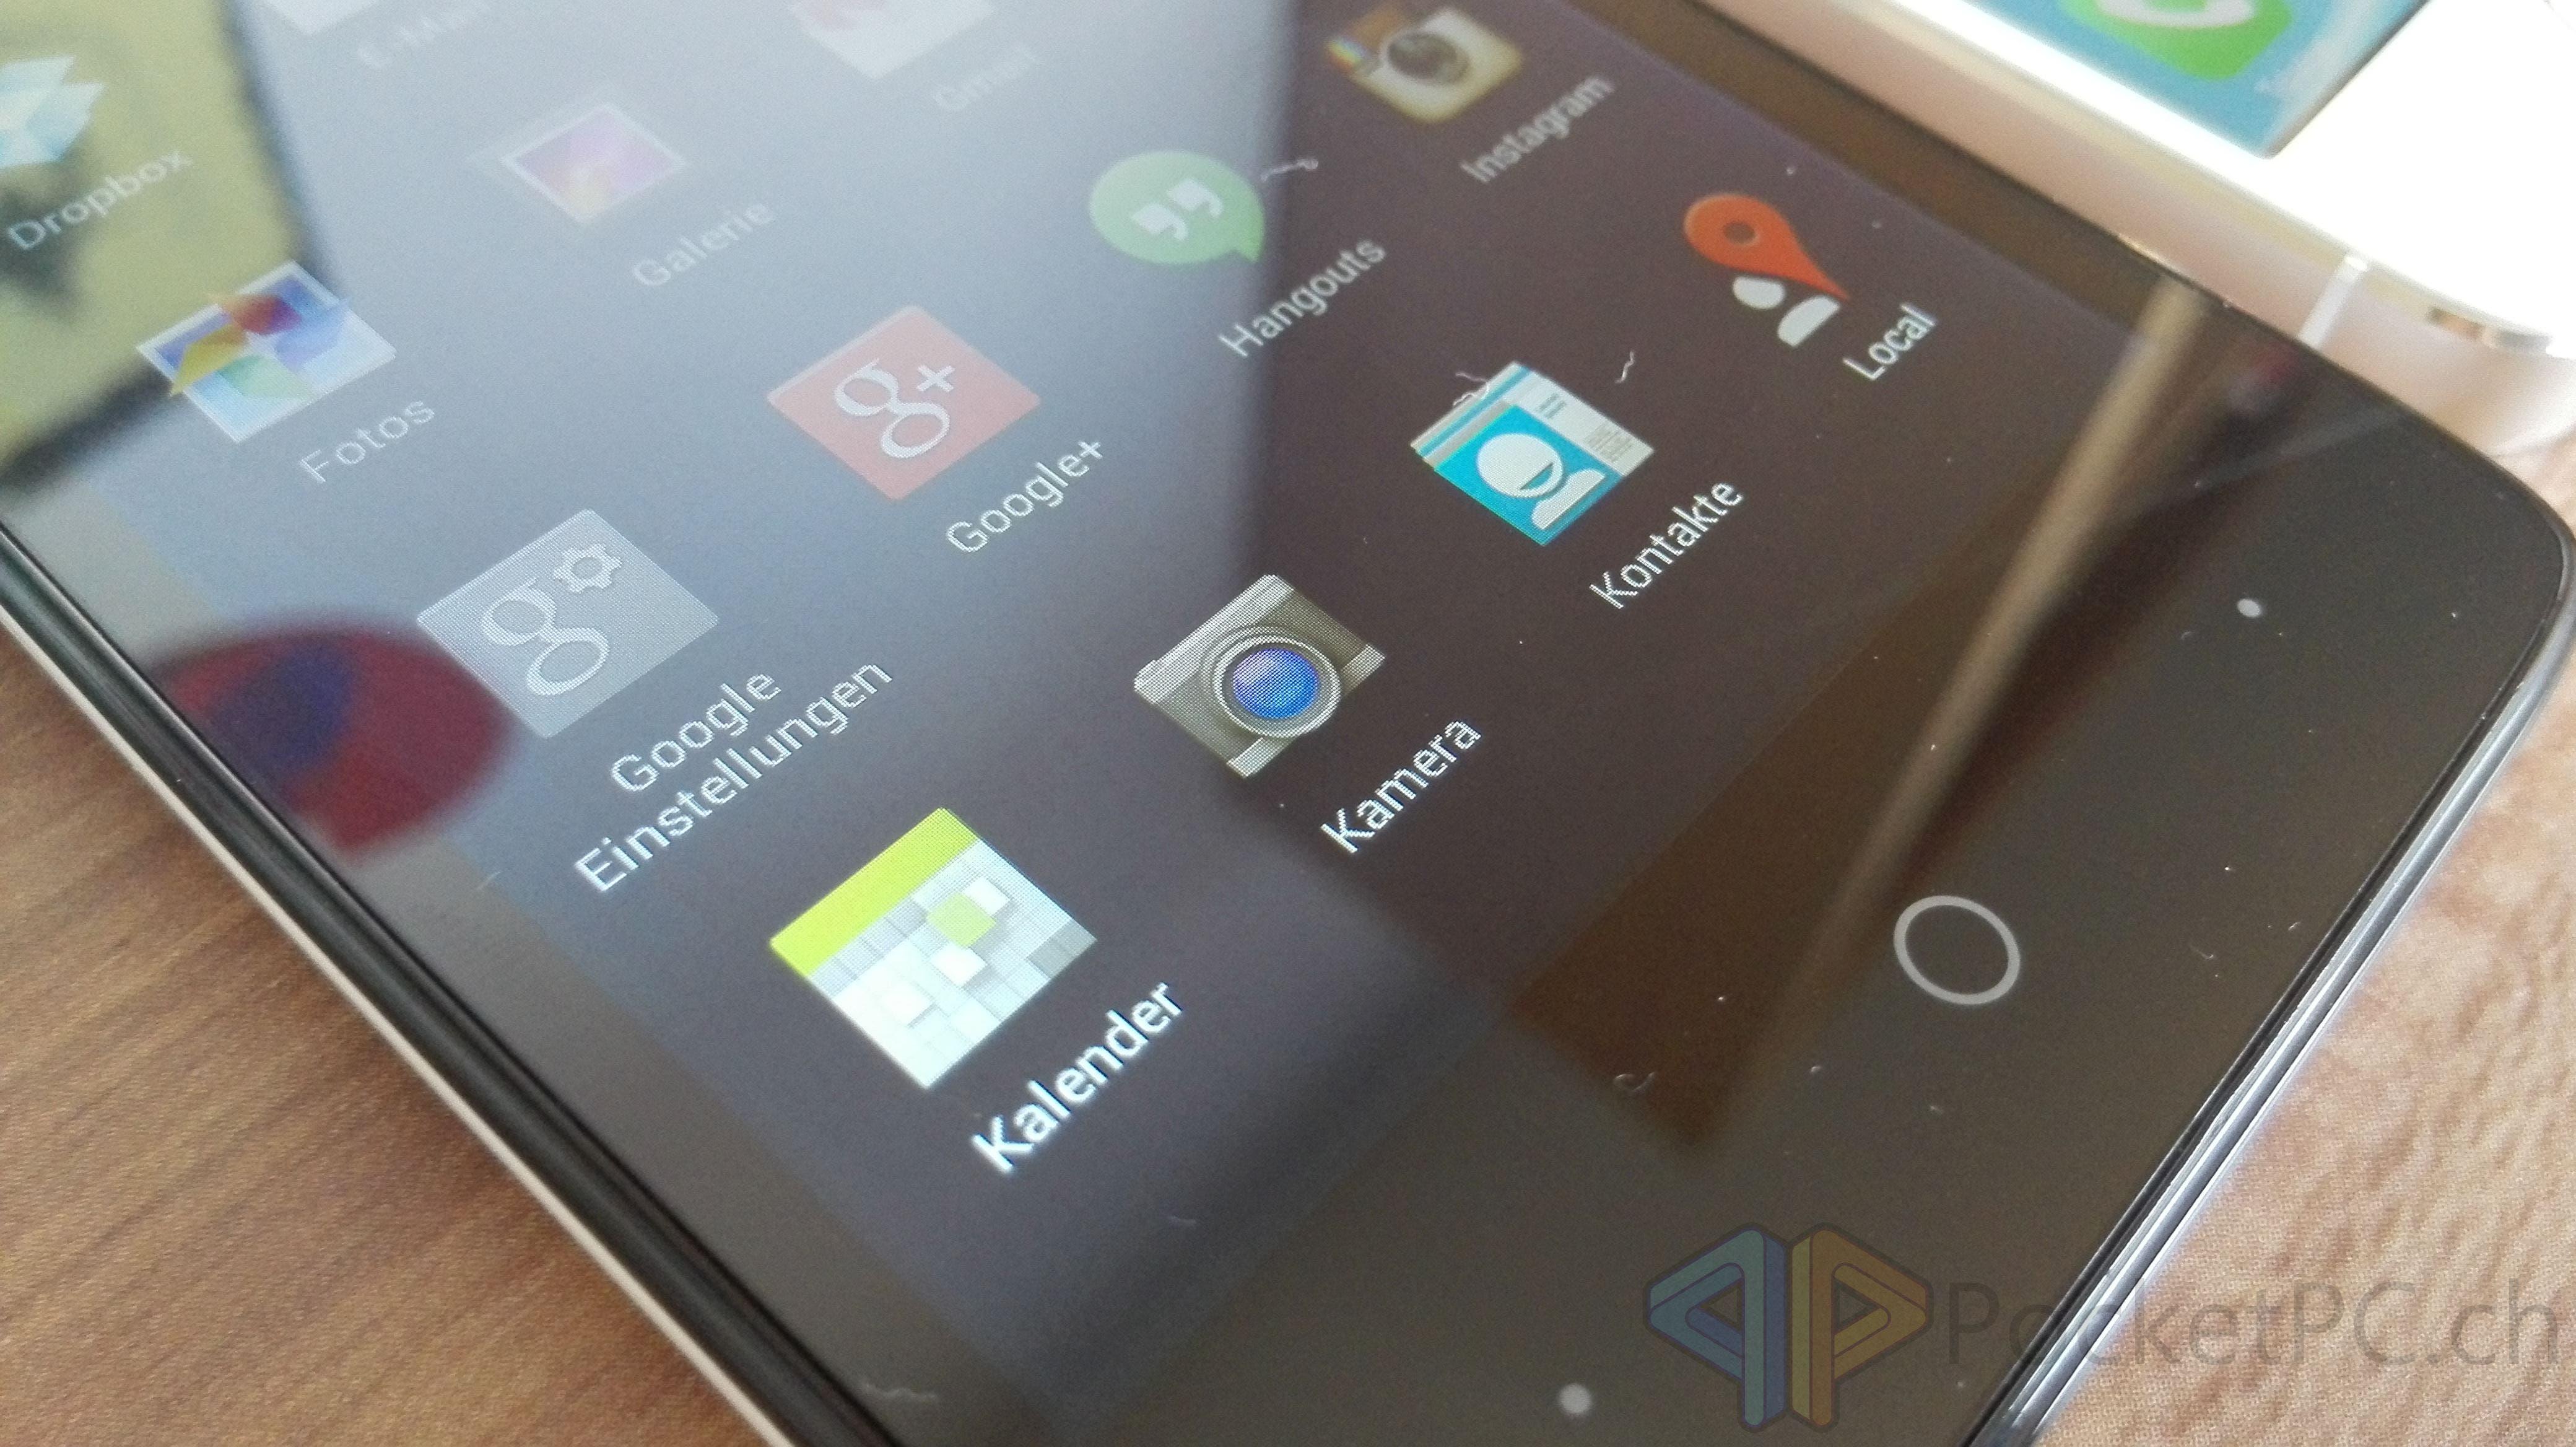 Geeksphone Revolution Display